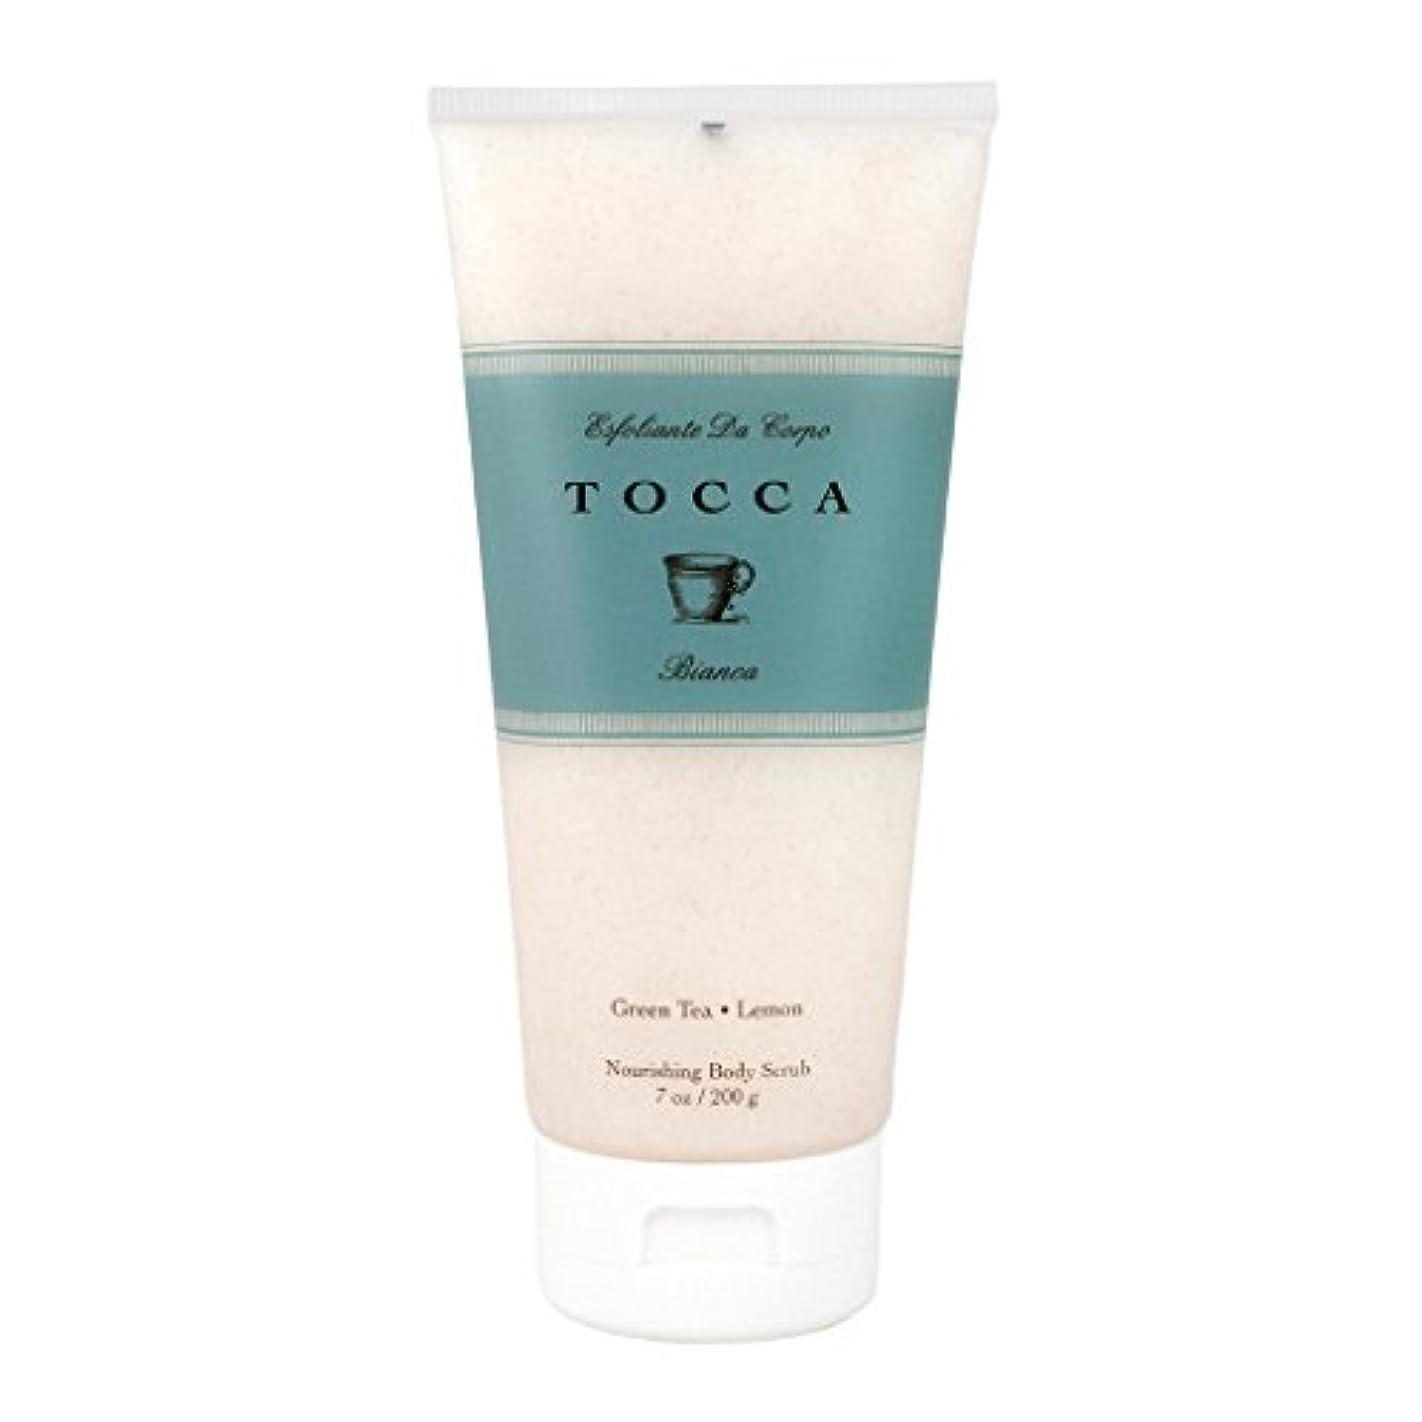 労苦ハイキングに行く試験トッカ(TOCCA) ボディーケアスクラブ  ビアンカの香り 200ml(全身?ボディー用マッサージ料 シトラスとグリーンティー、ローズが絶妙に溶け合ったほのかに甘さ漂うフレッシュな香り)